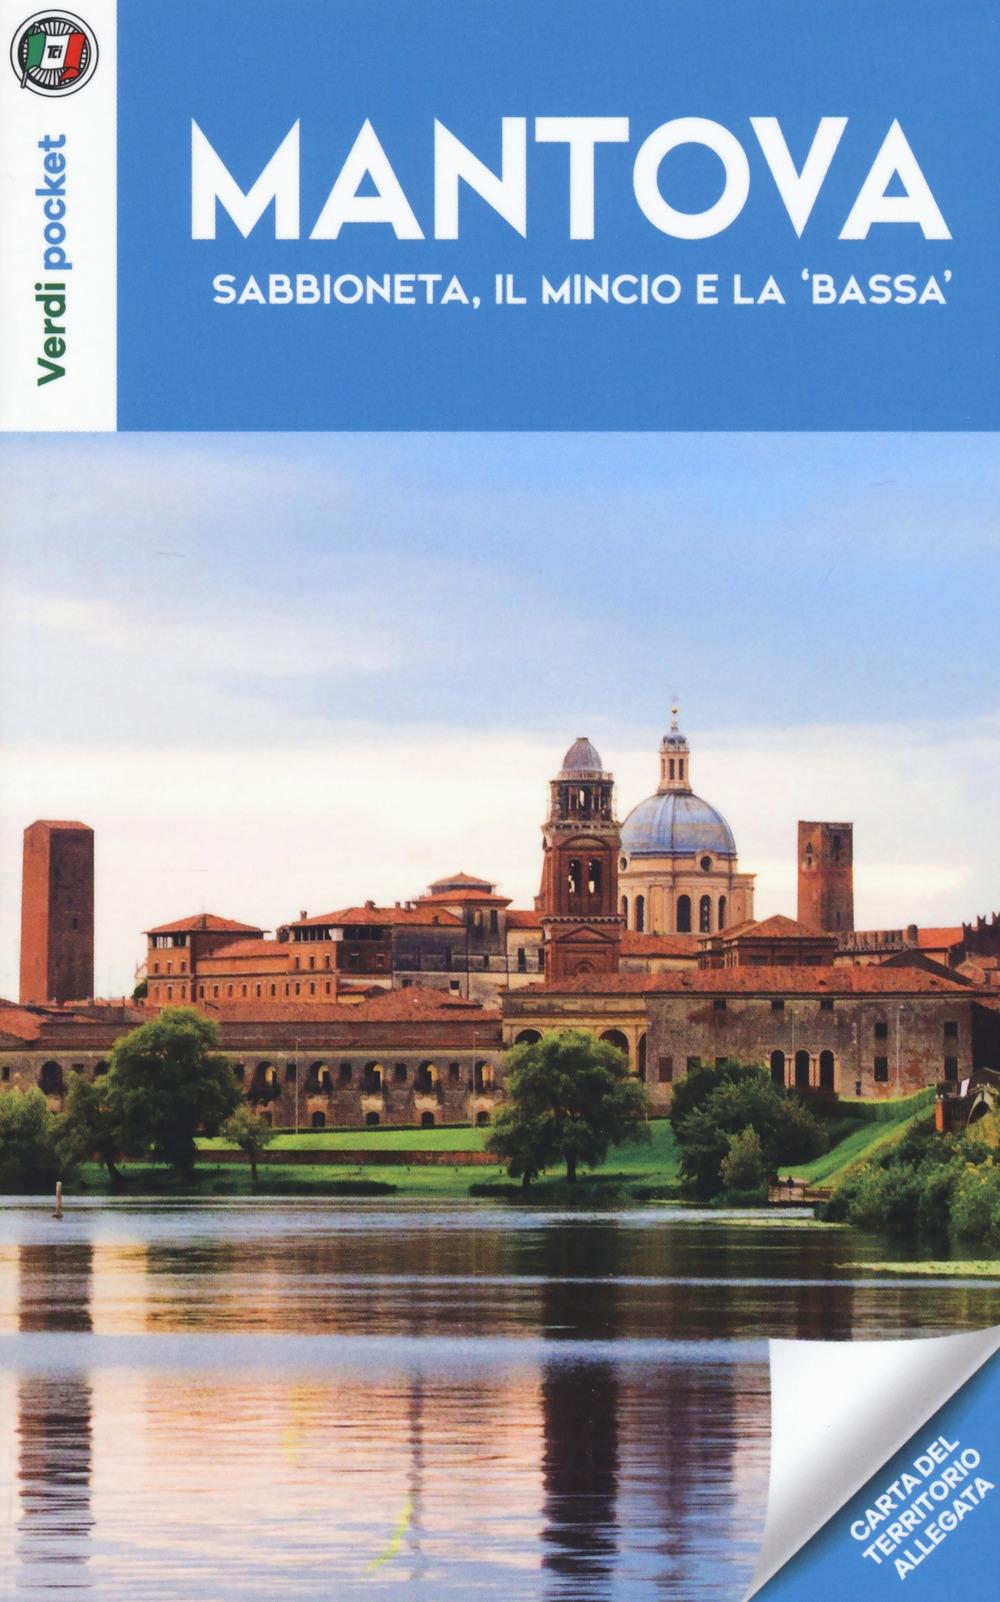 Mantova, Sabbioneta, il Mincio e la